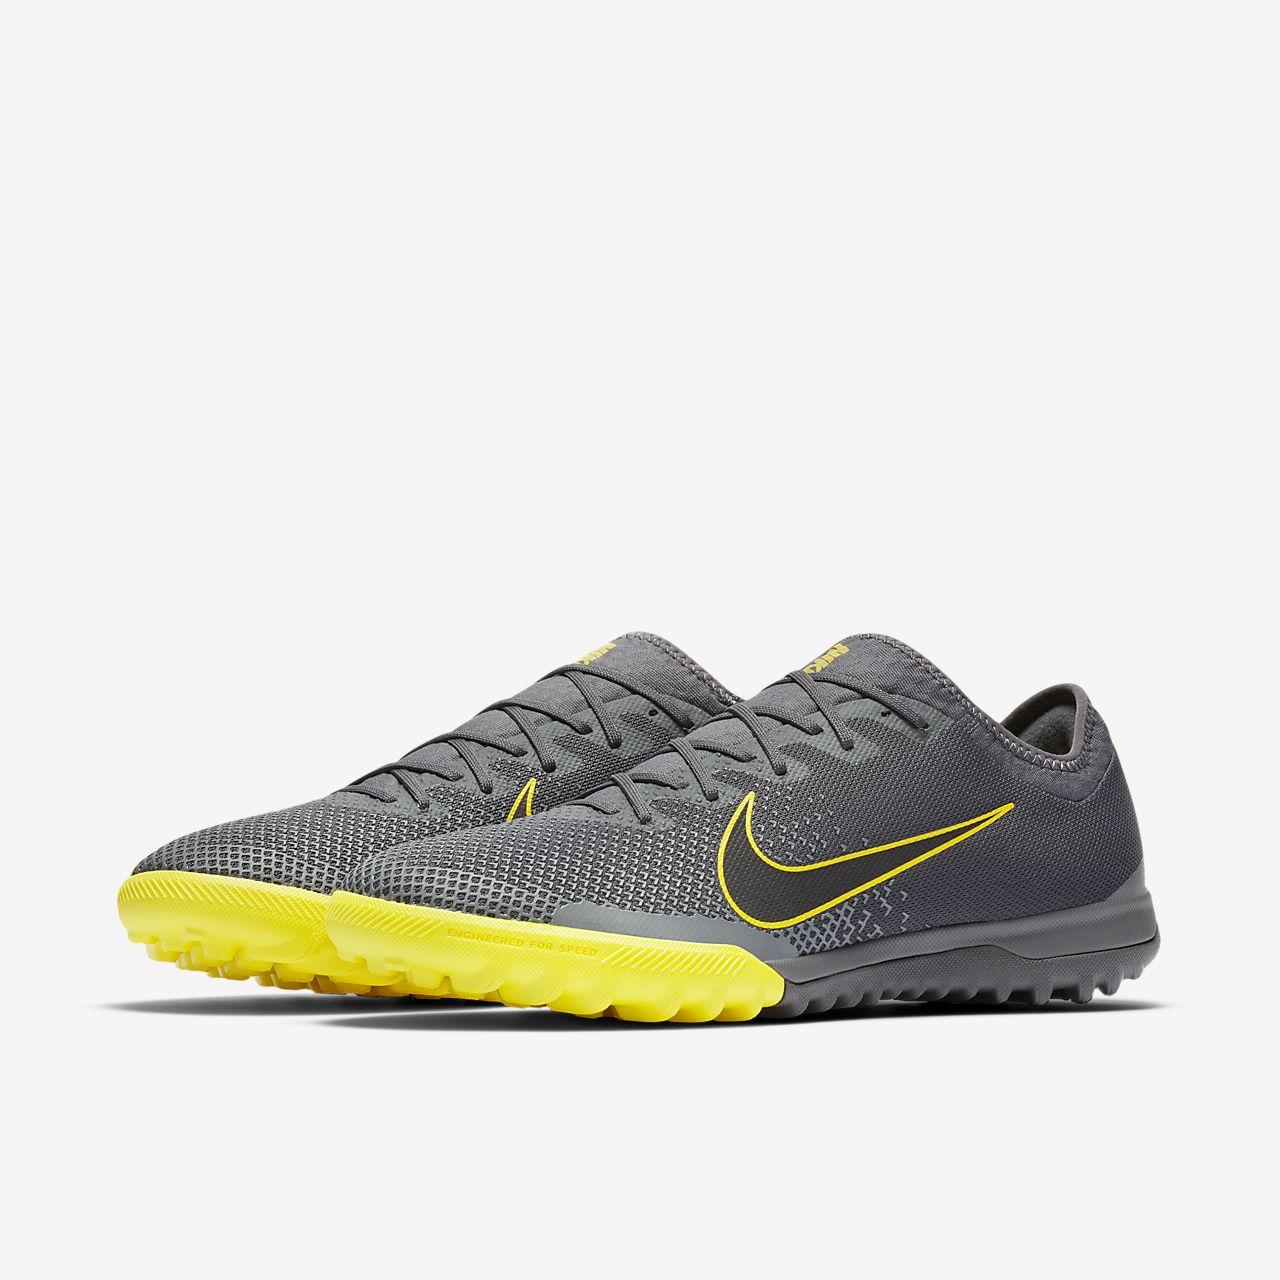 Sapatilhas de futebol para relvado Nike MercurialX Vapor XII Pro TF ... e00bf50627e4a